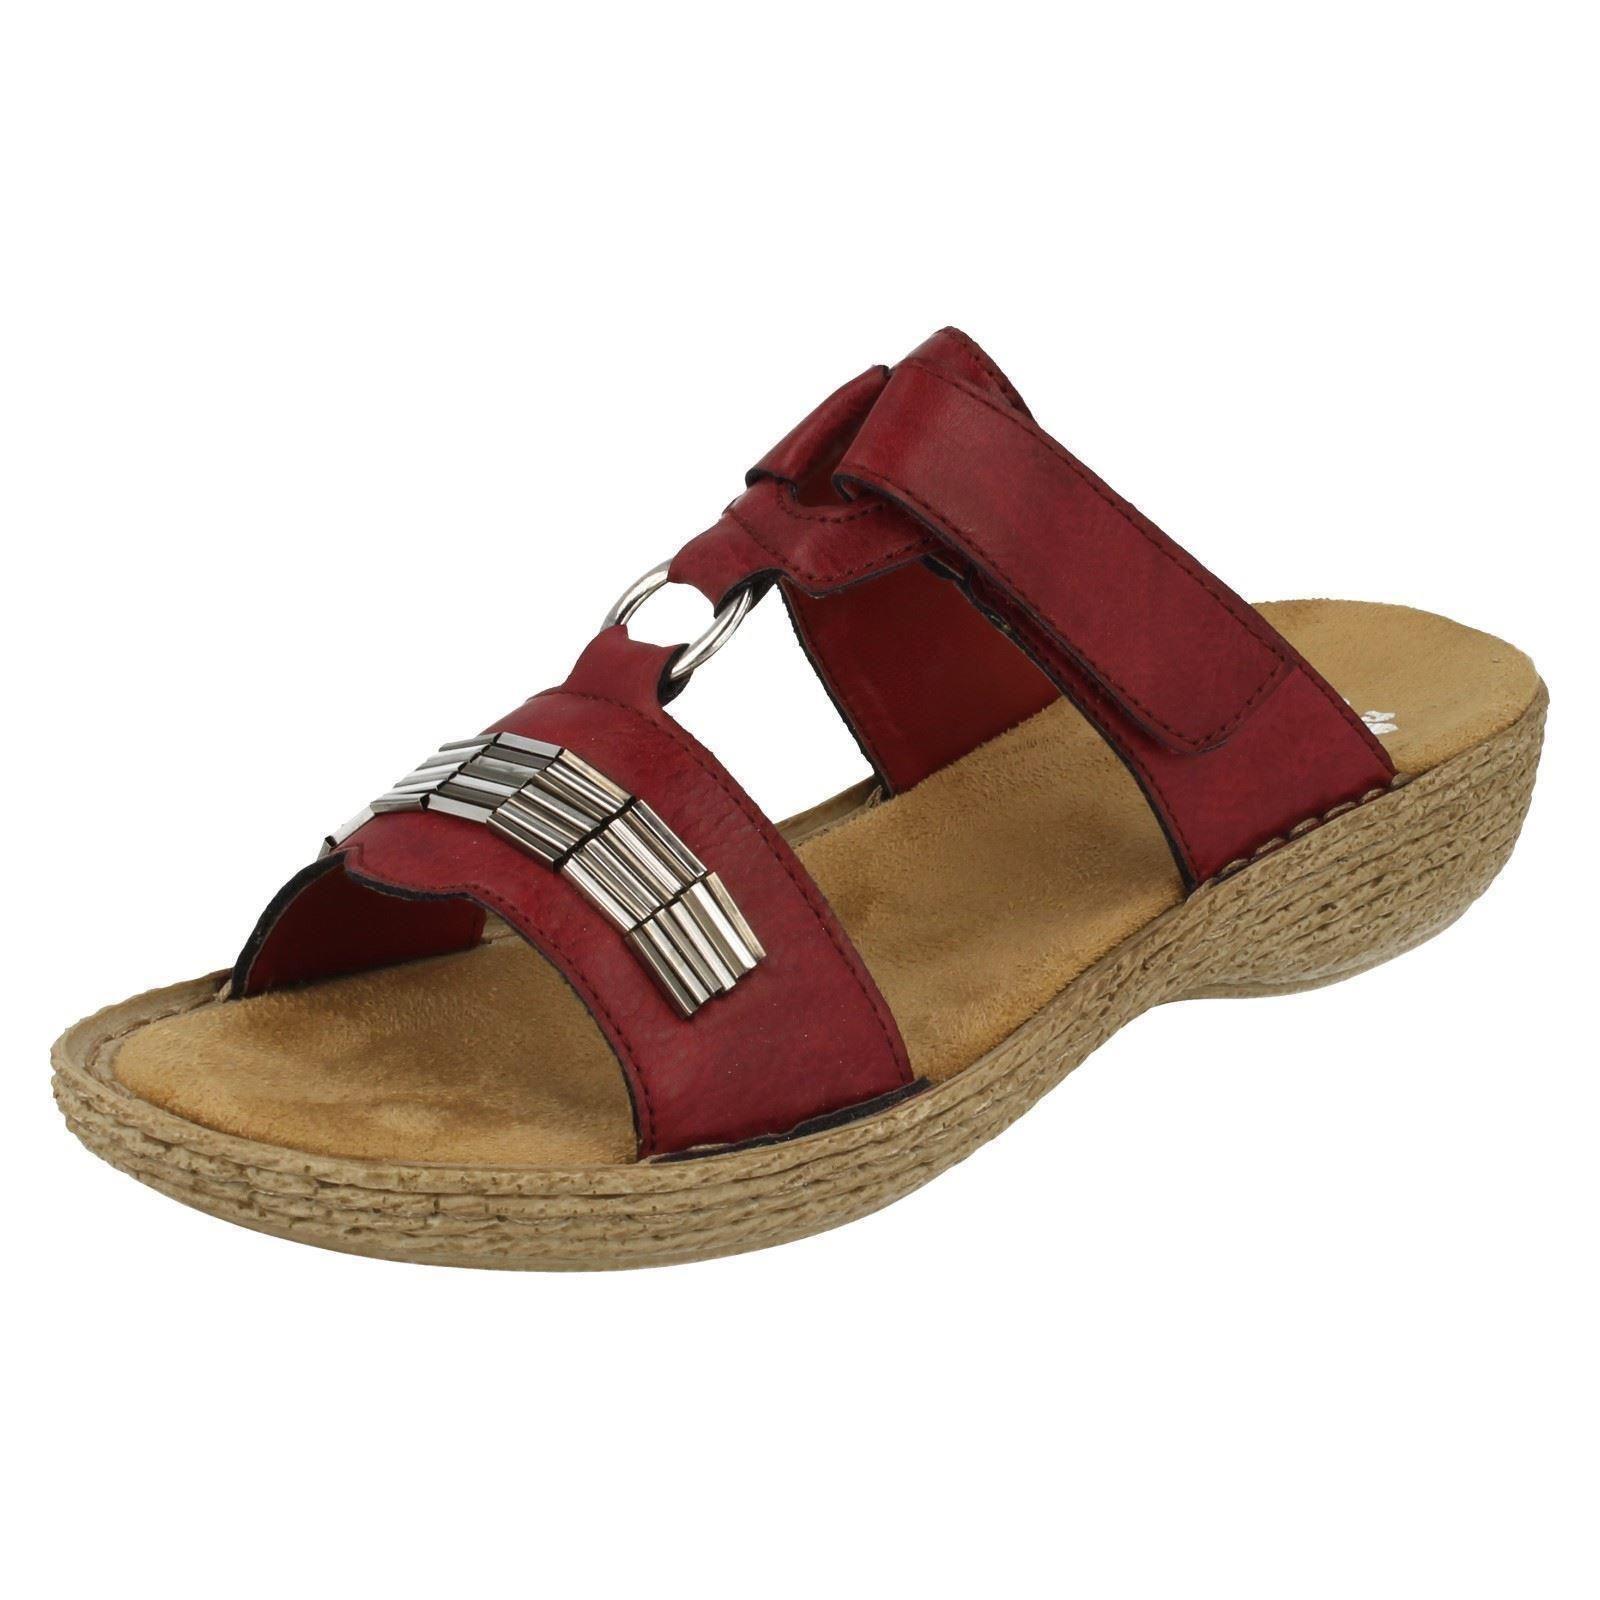 Sandalo Donna Grunland 0390 di Primavera/Estate Scarpe di 0390 bell'aspetto, resistenti e durevoli 87dba9